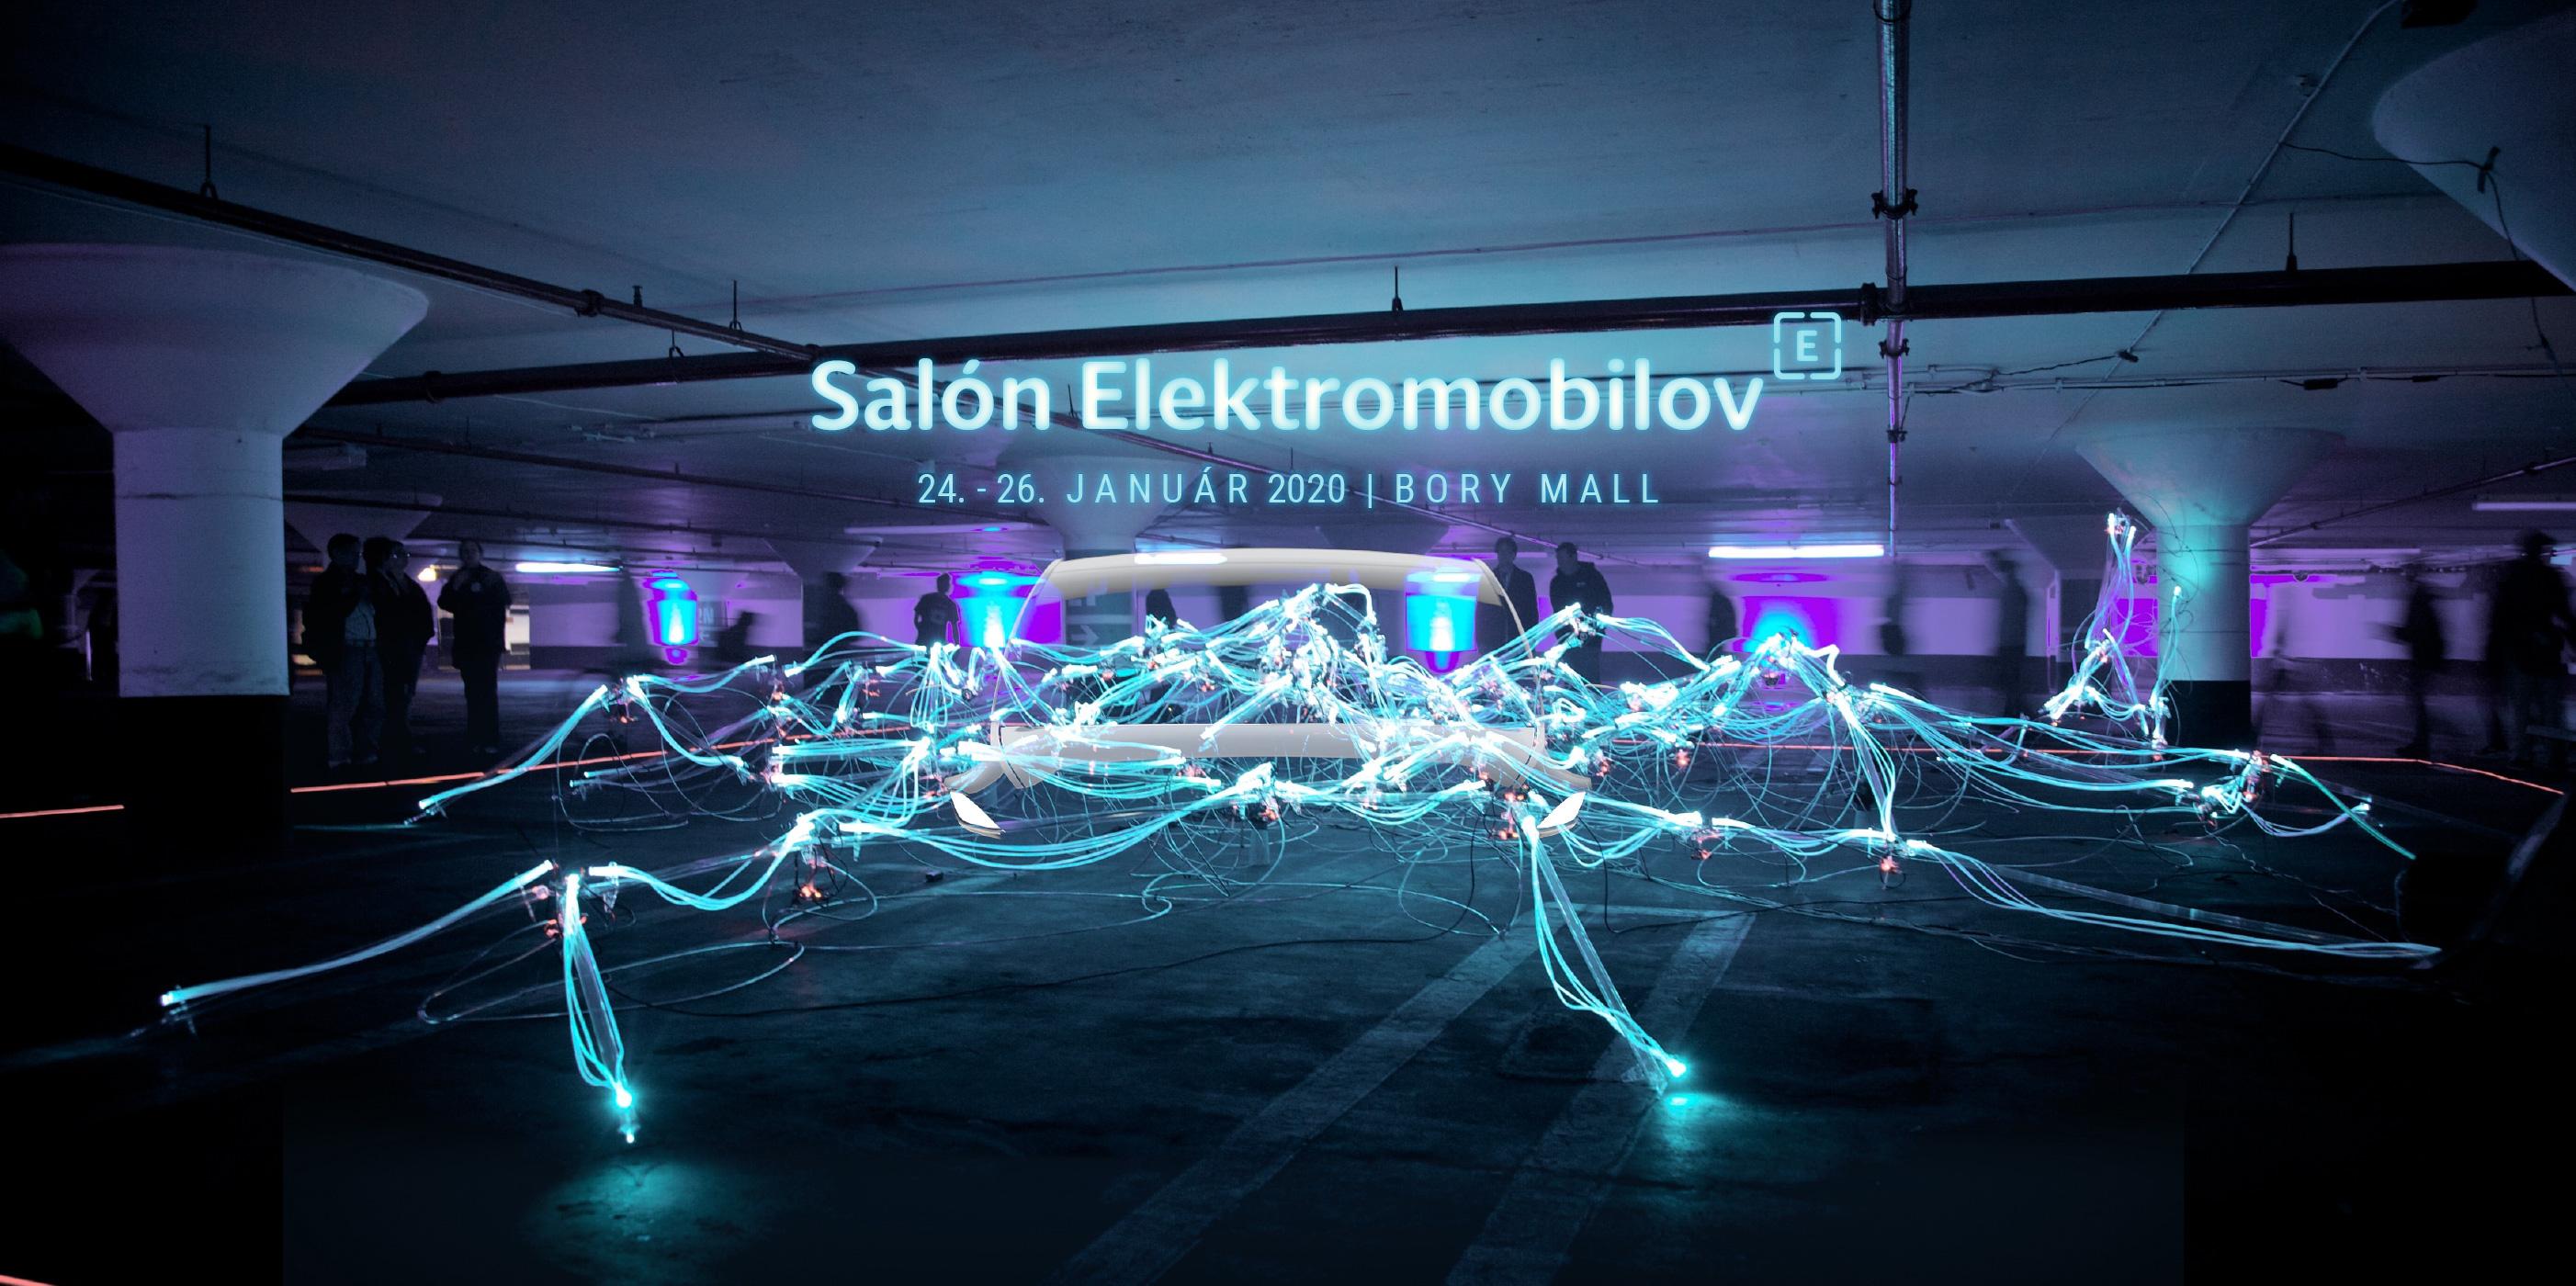 Na Slovensku prebehne najväčšia špecializovaná výstava elektromobilov - Salón elektromobilov 2020